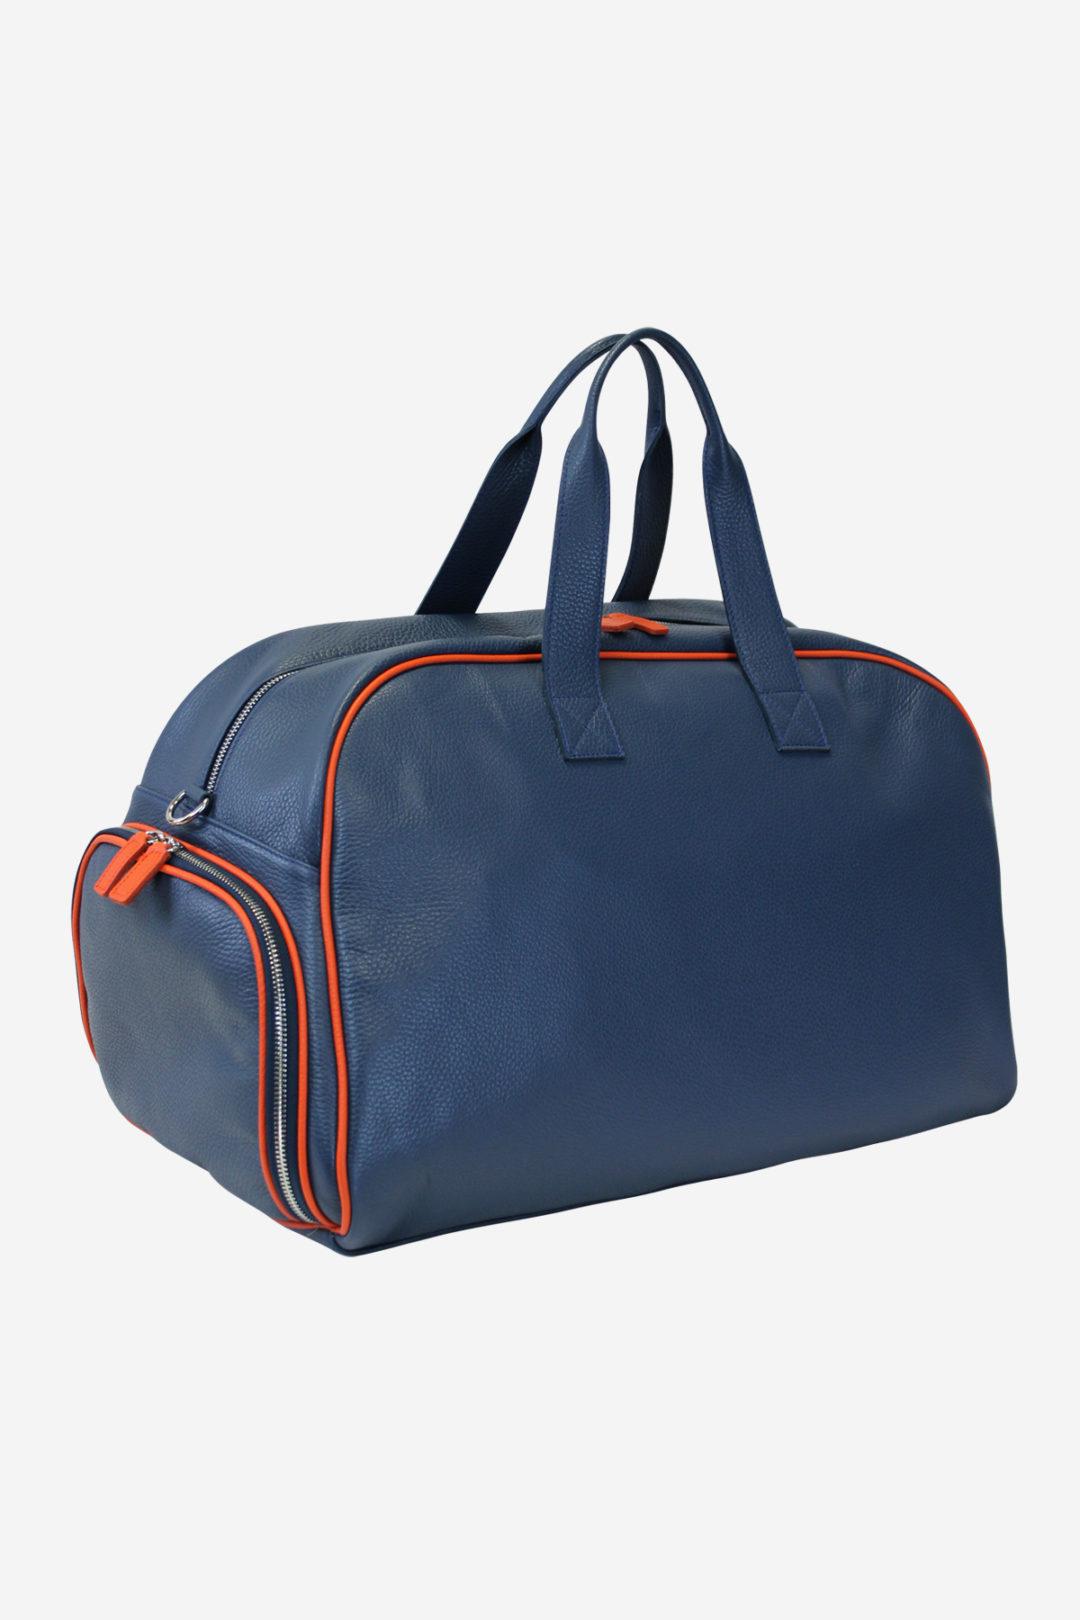 Advanced Sport Bag waterproof resistant handmade in italy